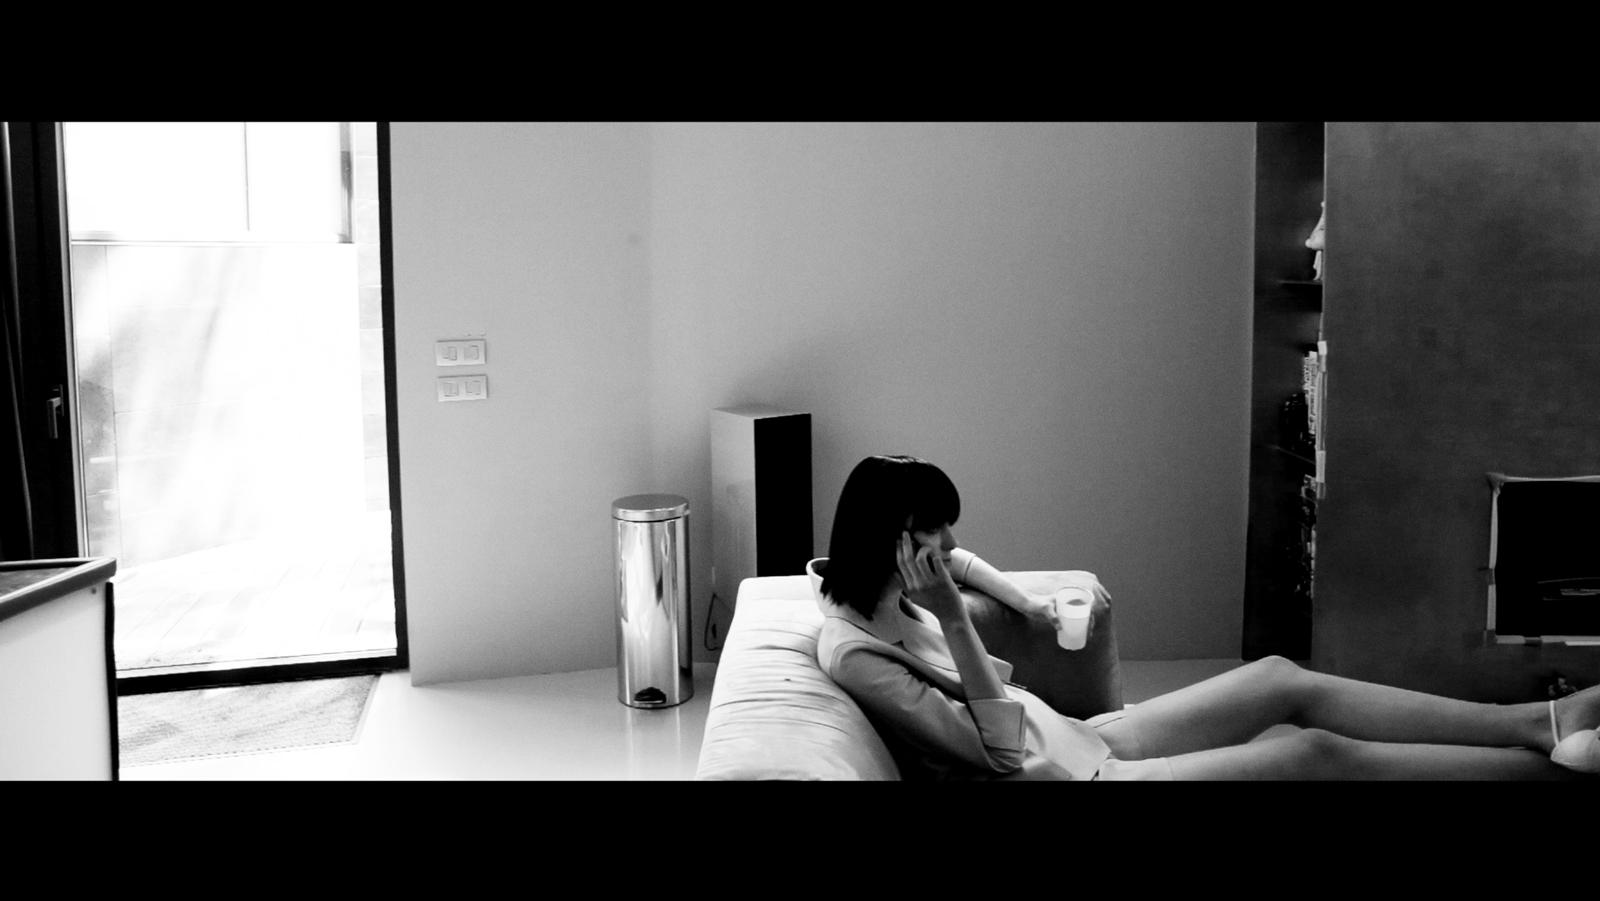 Maaike-Klaasen-Pablo-Curto-04